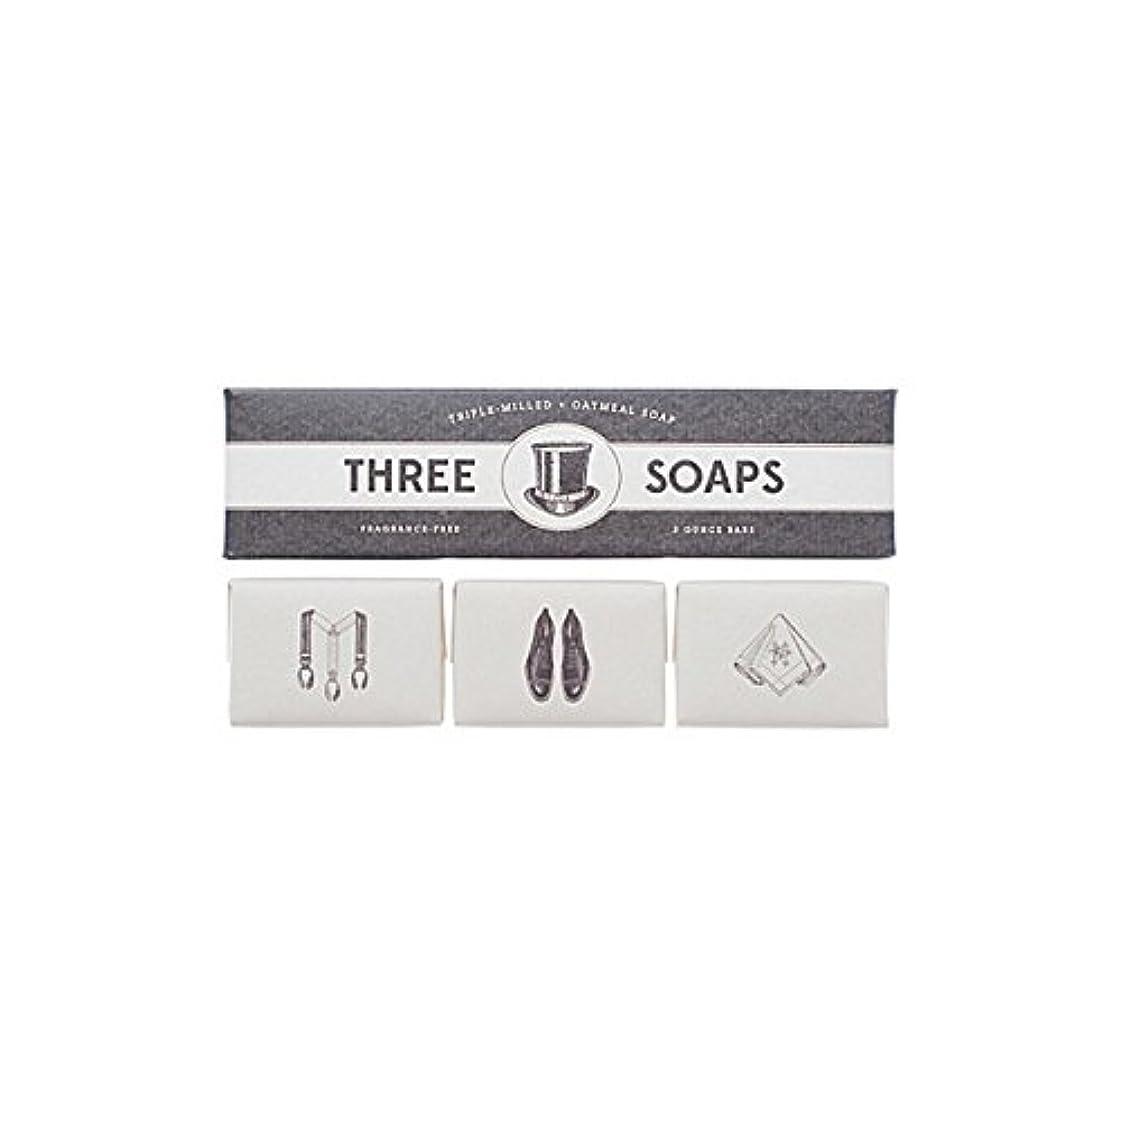 集まる多年生デッキ石鹸のイゾラトリオ x4 - Izola Trio Of Soaps (Pack of 4) [並行輸入品]